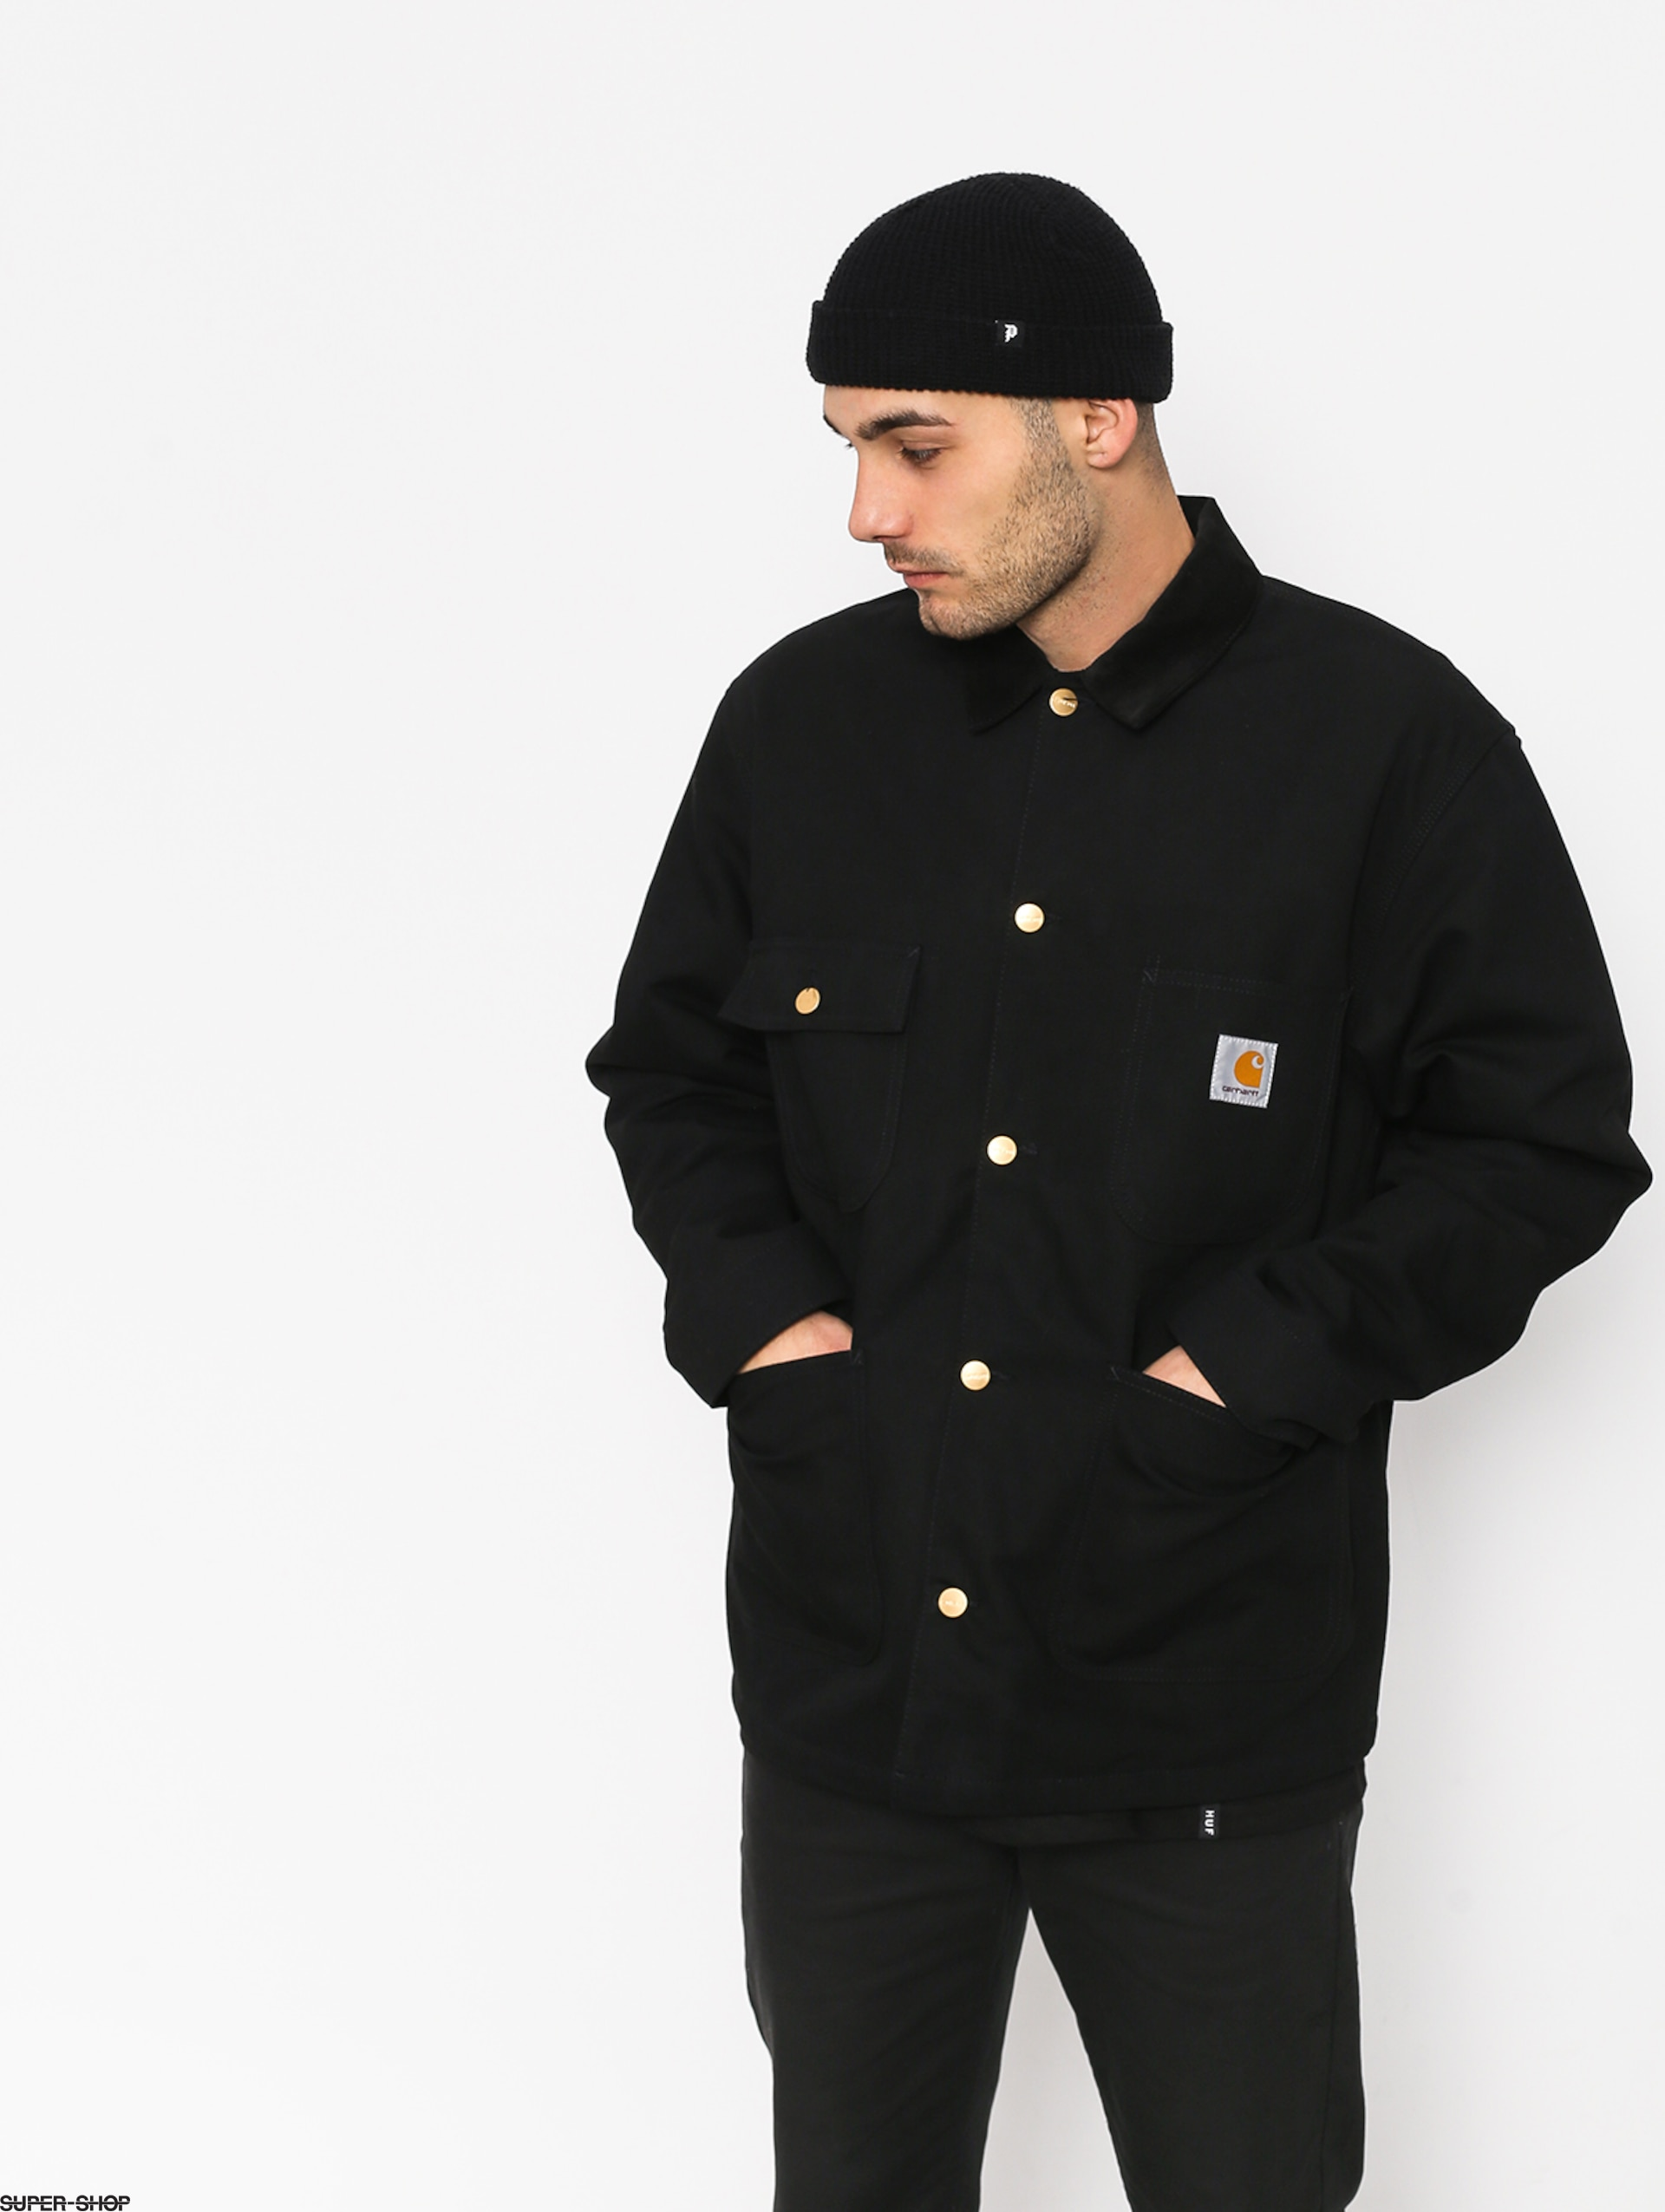 e0d7c060e2aa8 991155-w1920-carhartt-wip-og-chore-coat-jacket-black.jpg